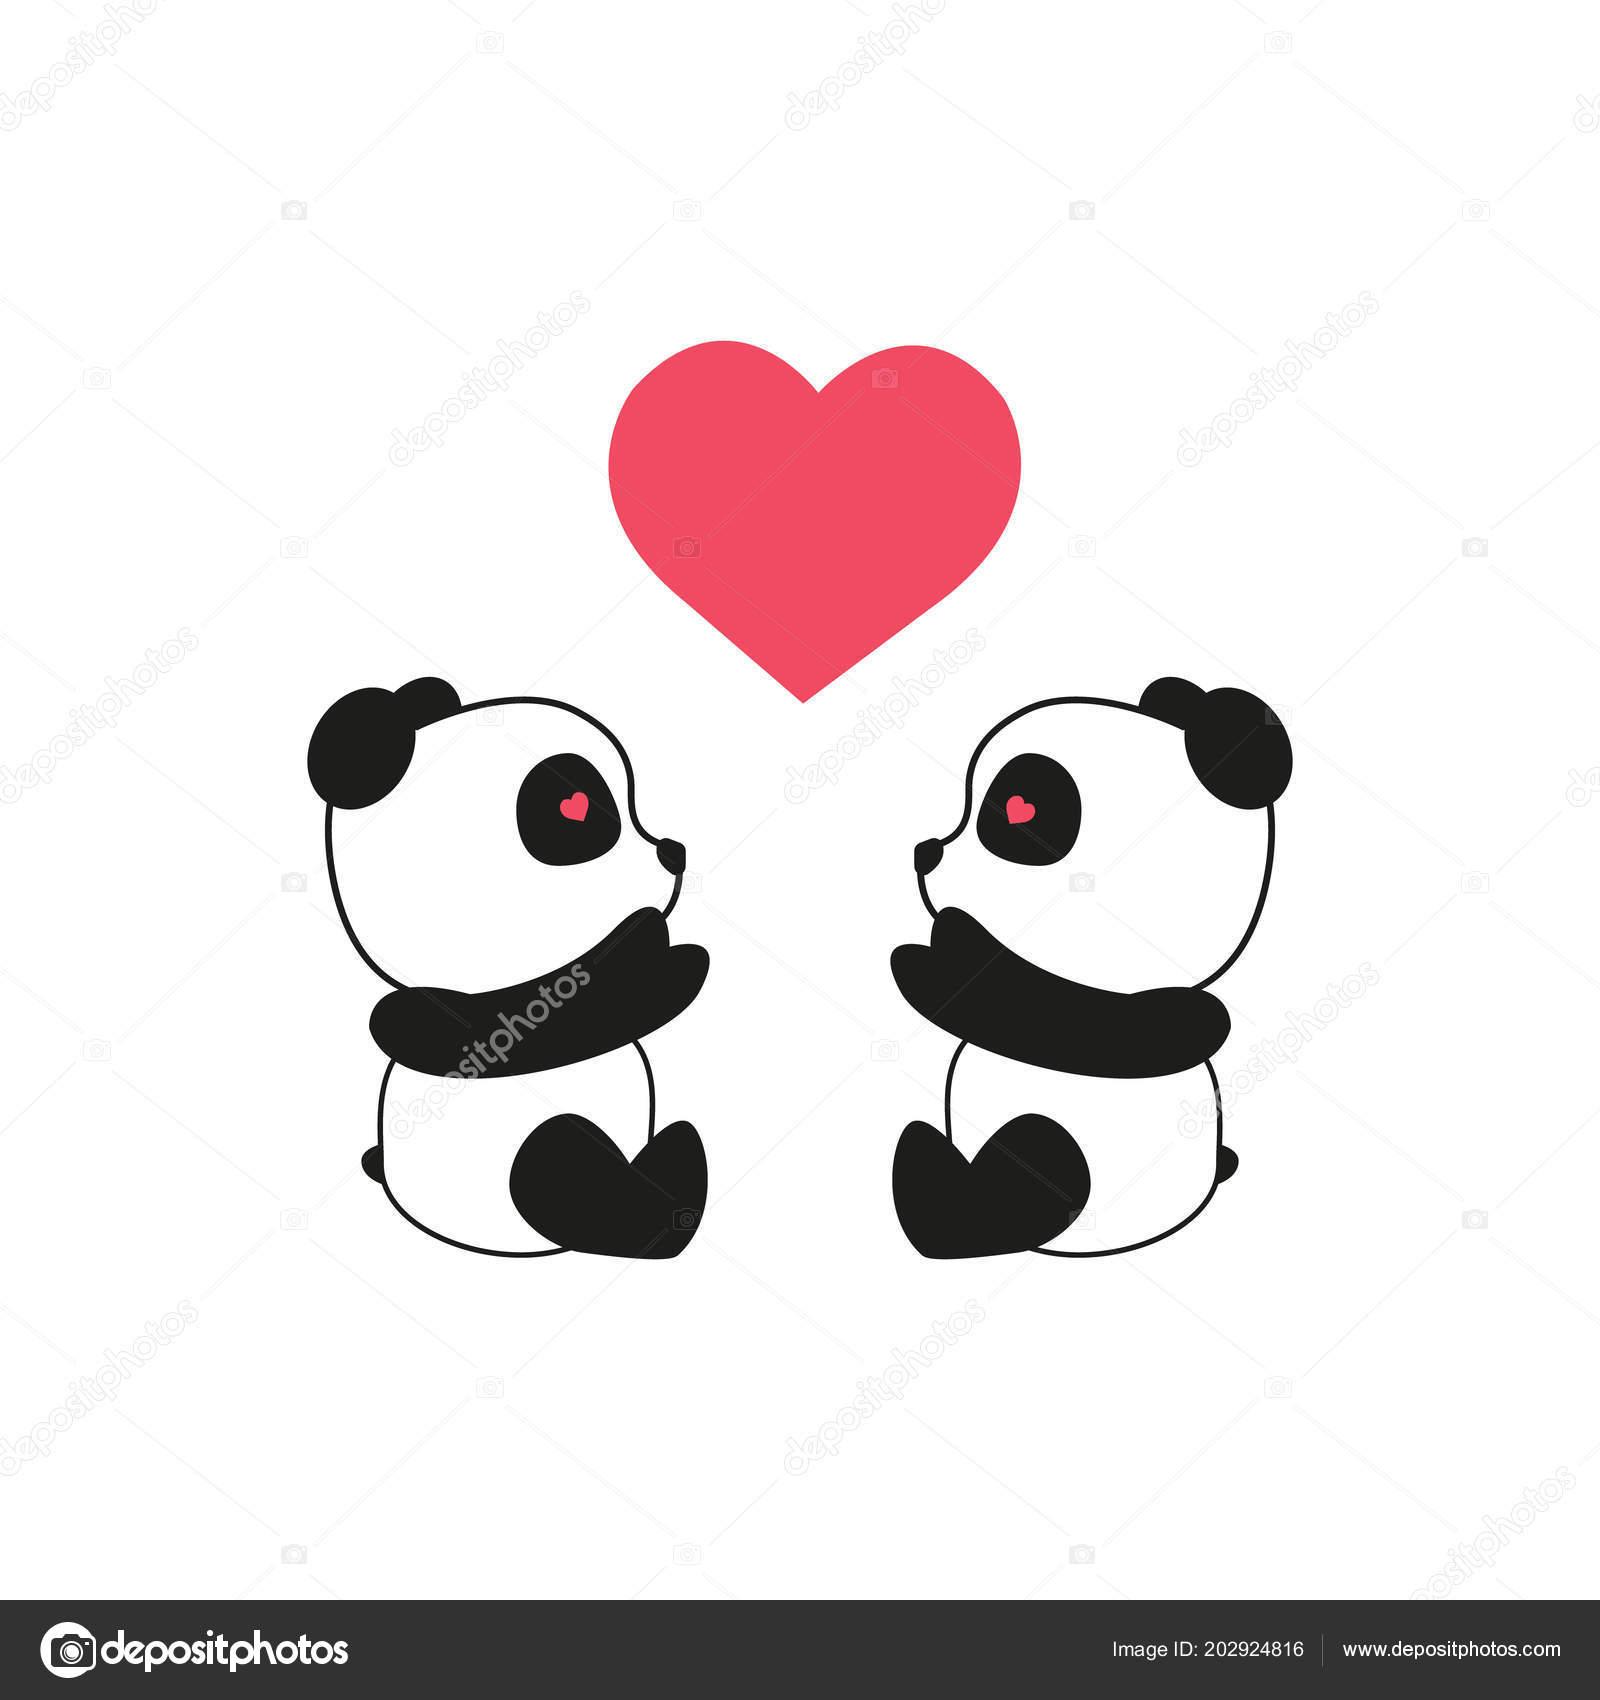 Dibujo Oso Panda Dos Pandas Con Corazón Día San Valentín Vector De